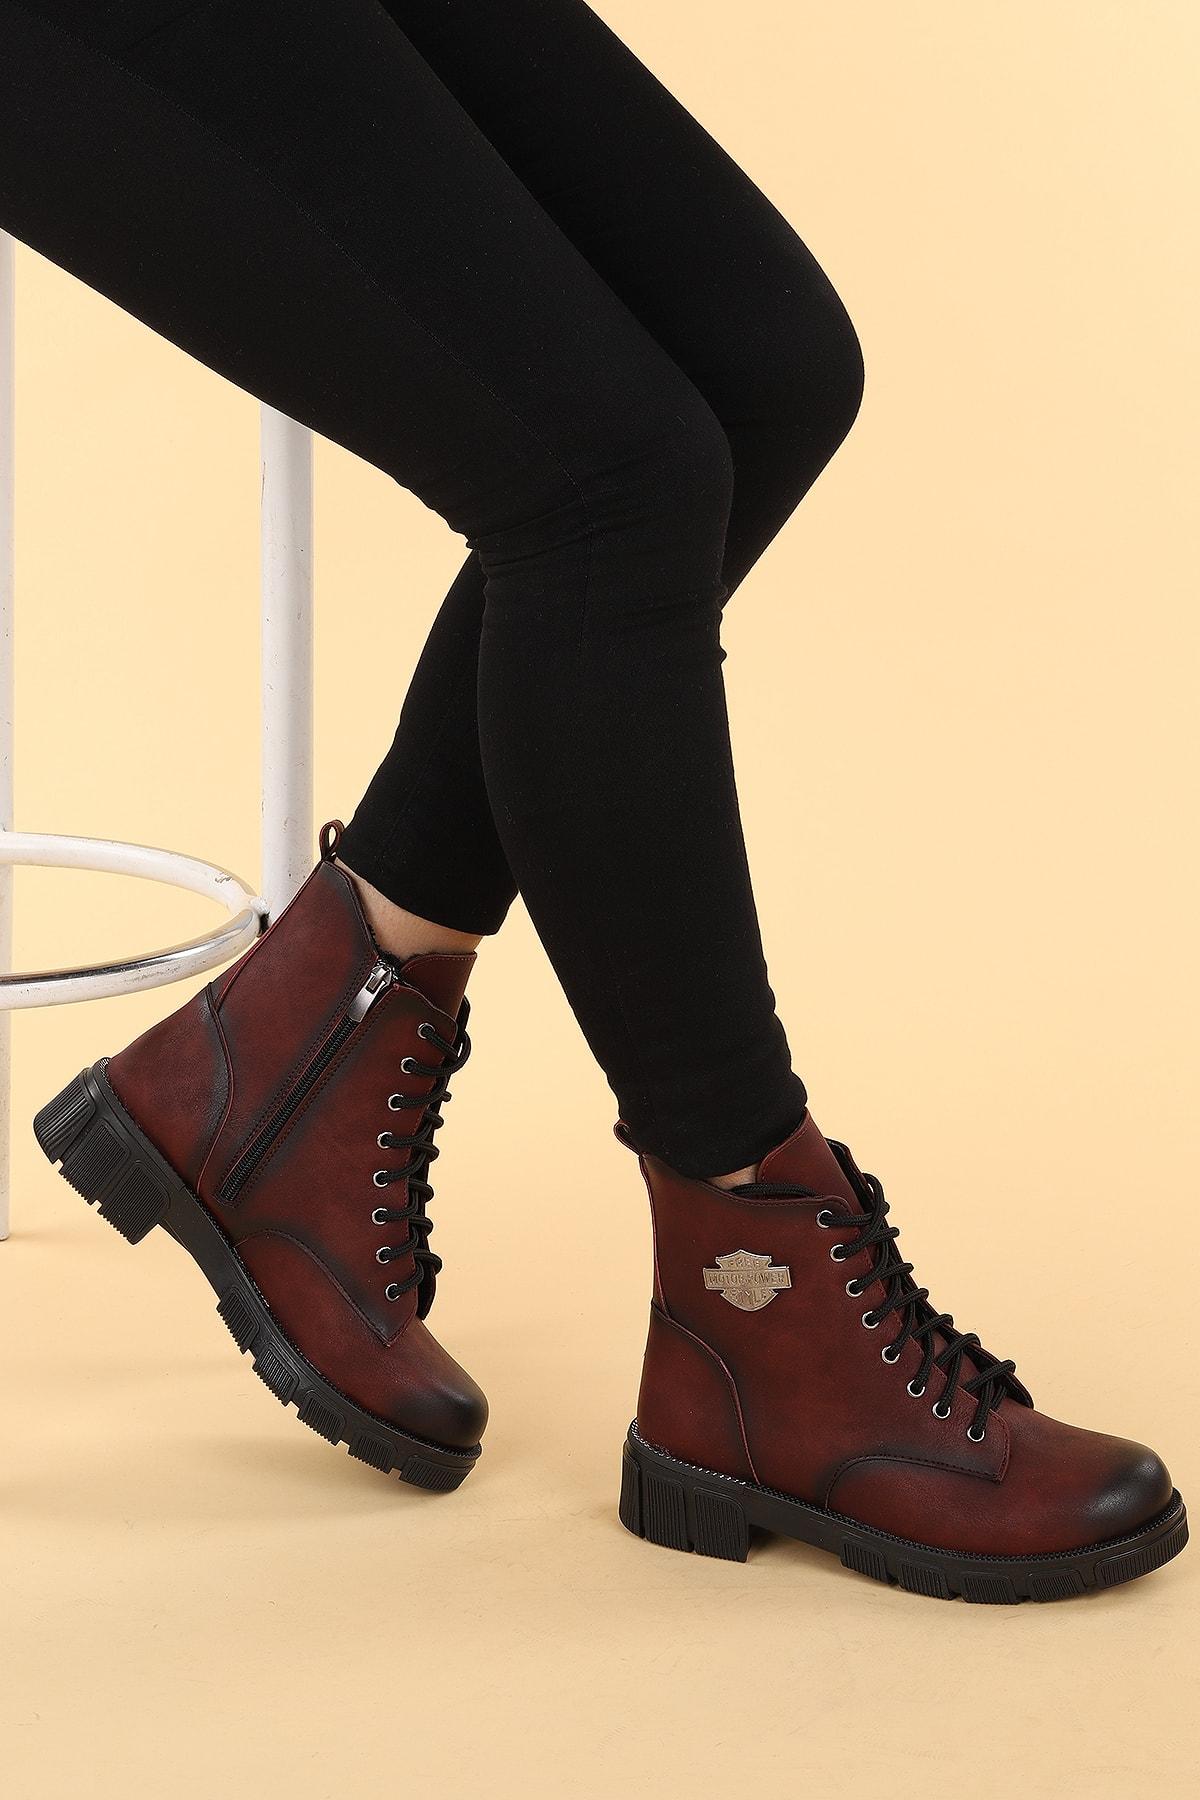 Ayakland Kadın Bordo Termo Taban Fermuarlı Bot Ayakkabı 1